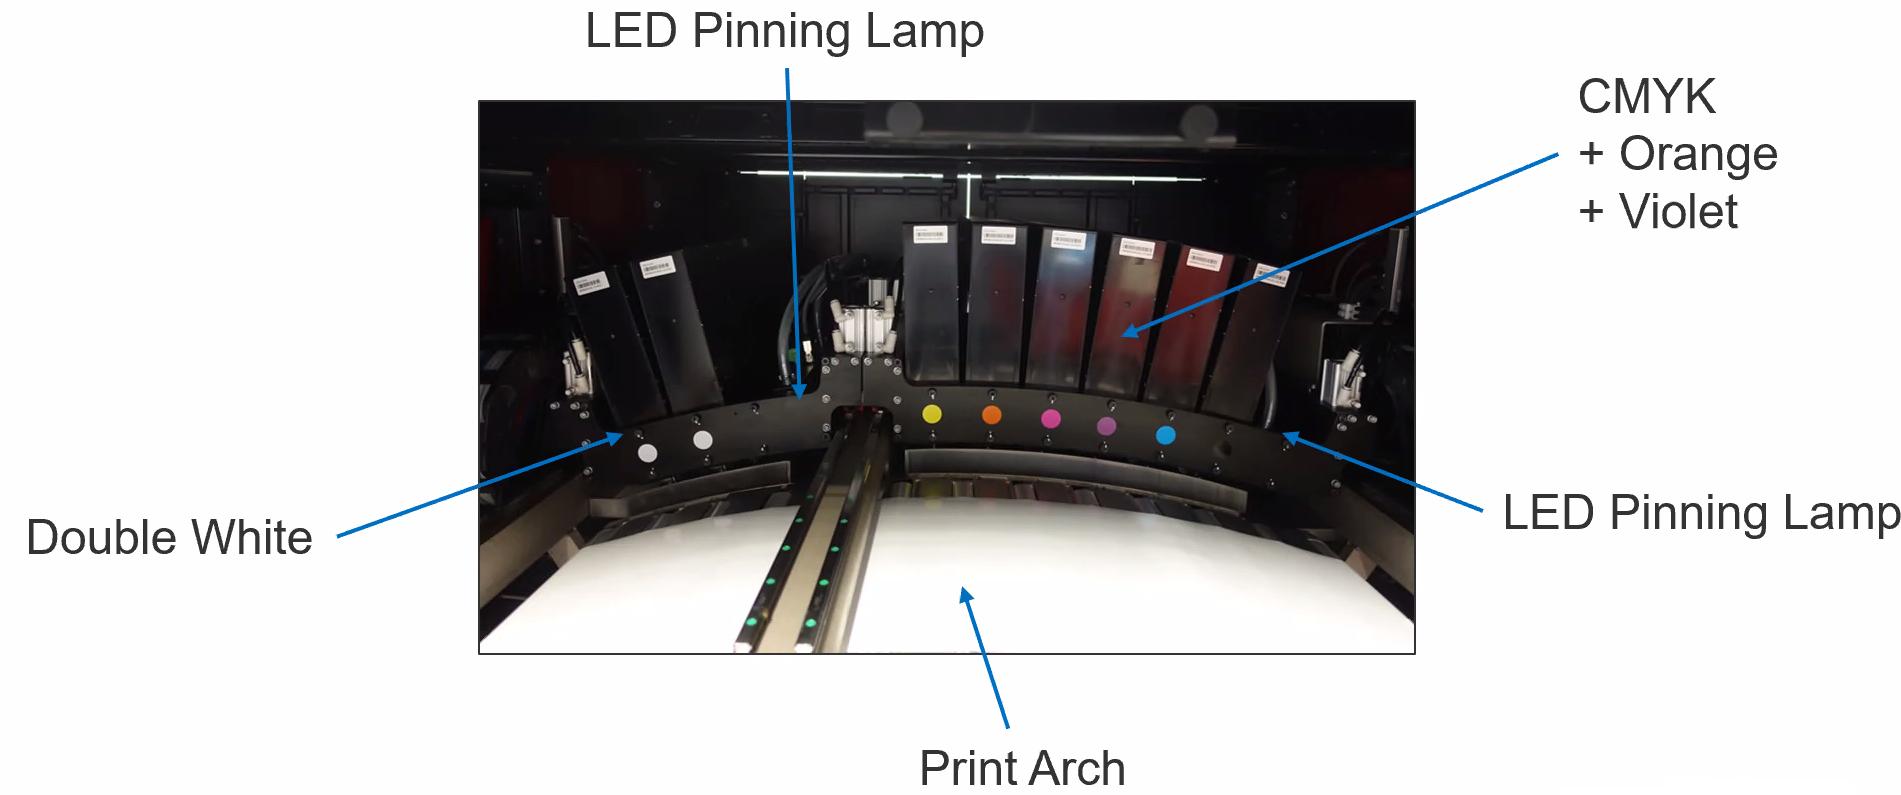 Печатная станция в Xeikon PX30000 с 6 цветами плюс двойным белым (опция)